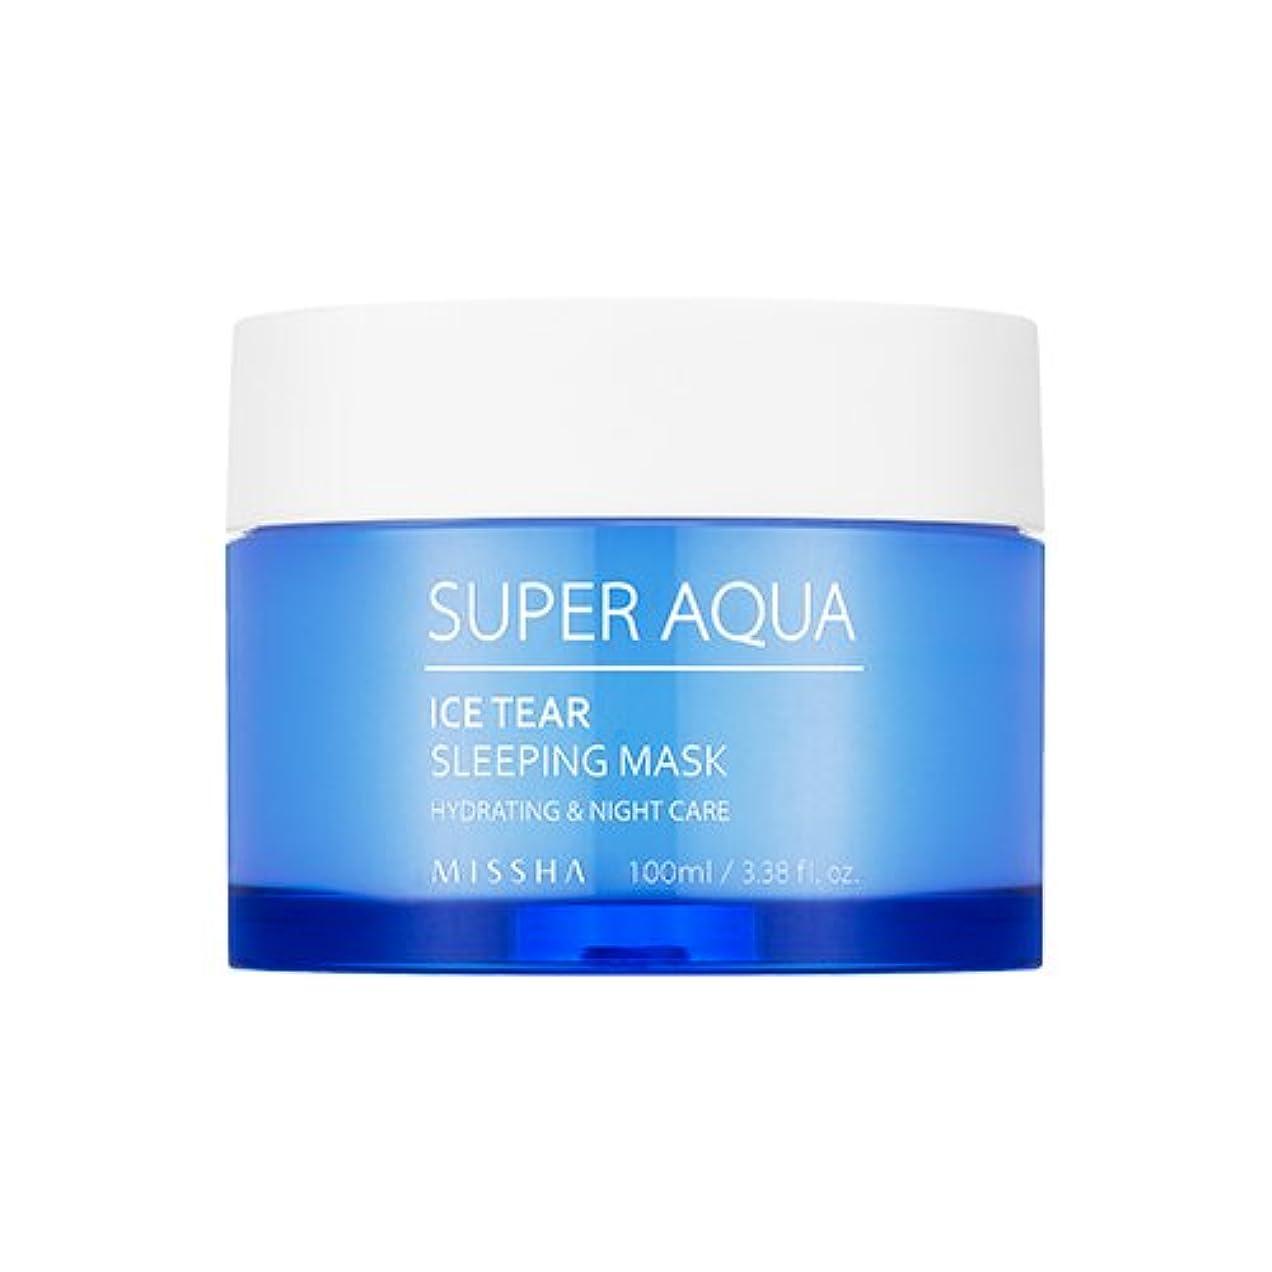 リーガン出会い天国MISSHA Super Aqua Ice Tear Sleeping Mask 100ml / ミシャ スーパーアクア アイスティアスリーピングマスク [並行輸入品]